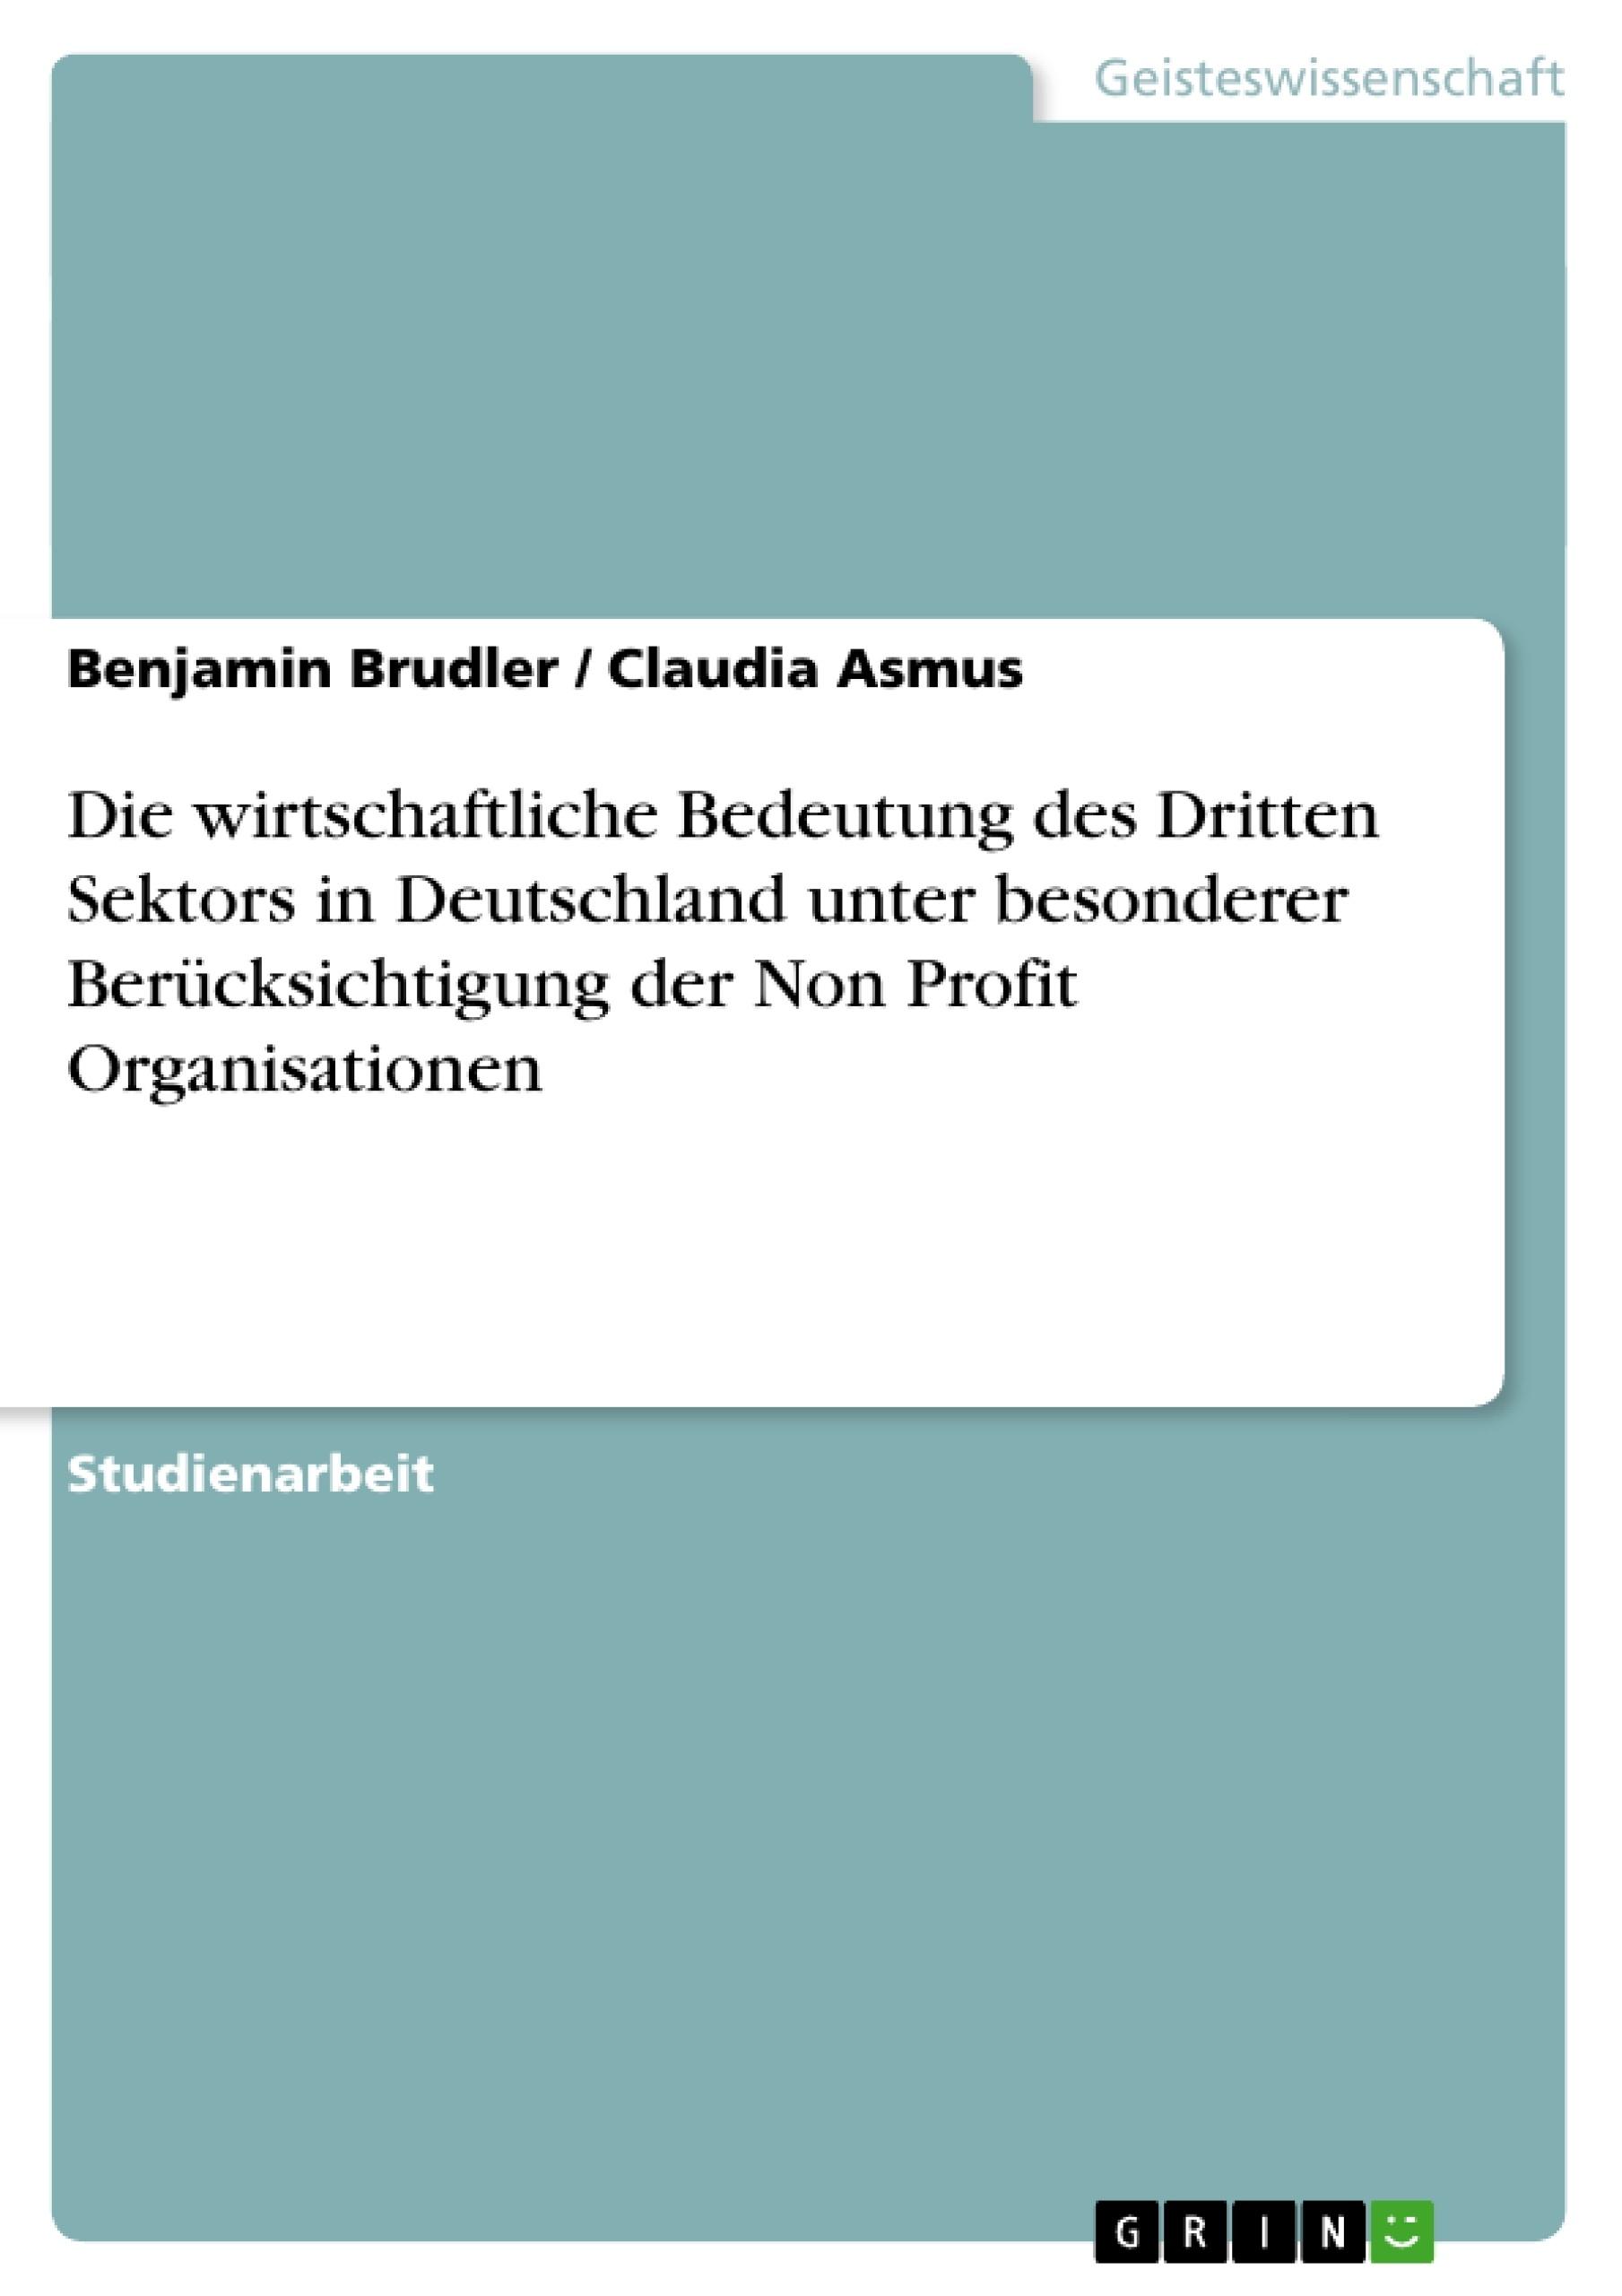 Titel: Die wirtschaftliche Bedeutung des Dritten Sektors in Deutschland unter besonderer Berücksichtigung der Non Profit Organisationen